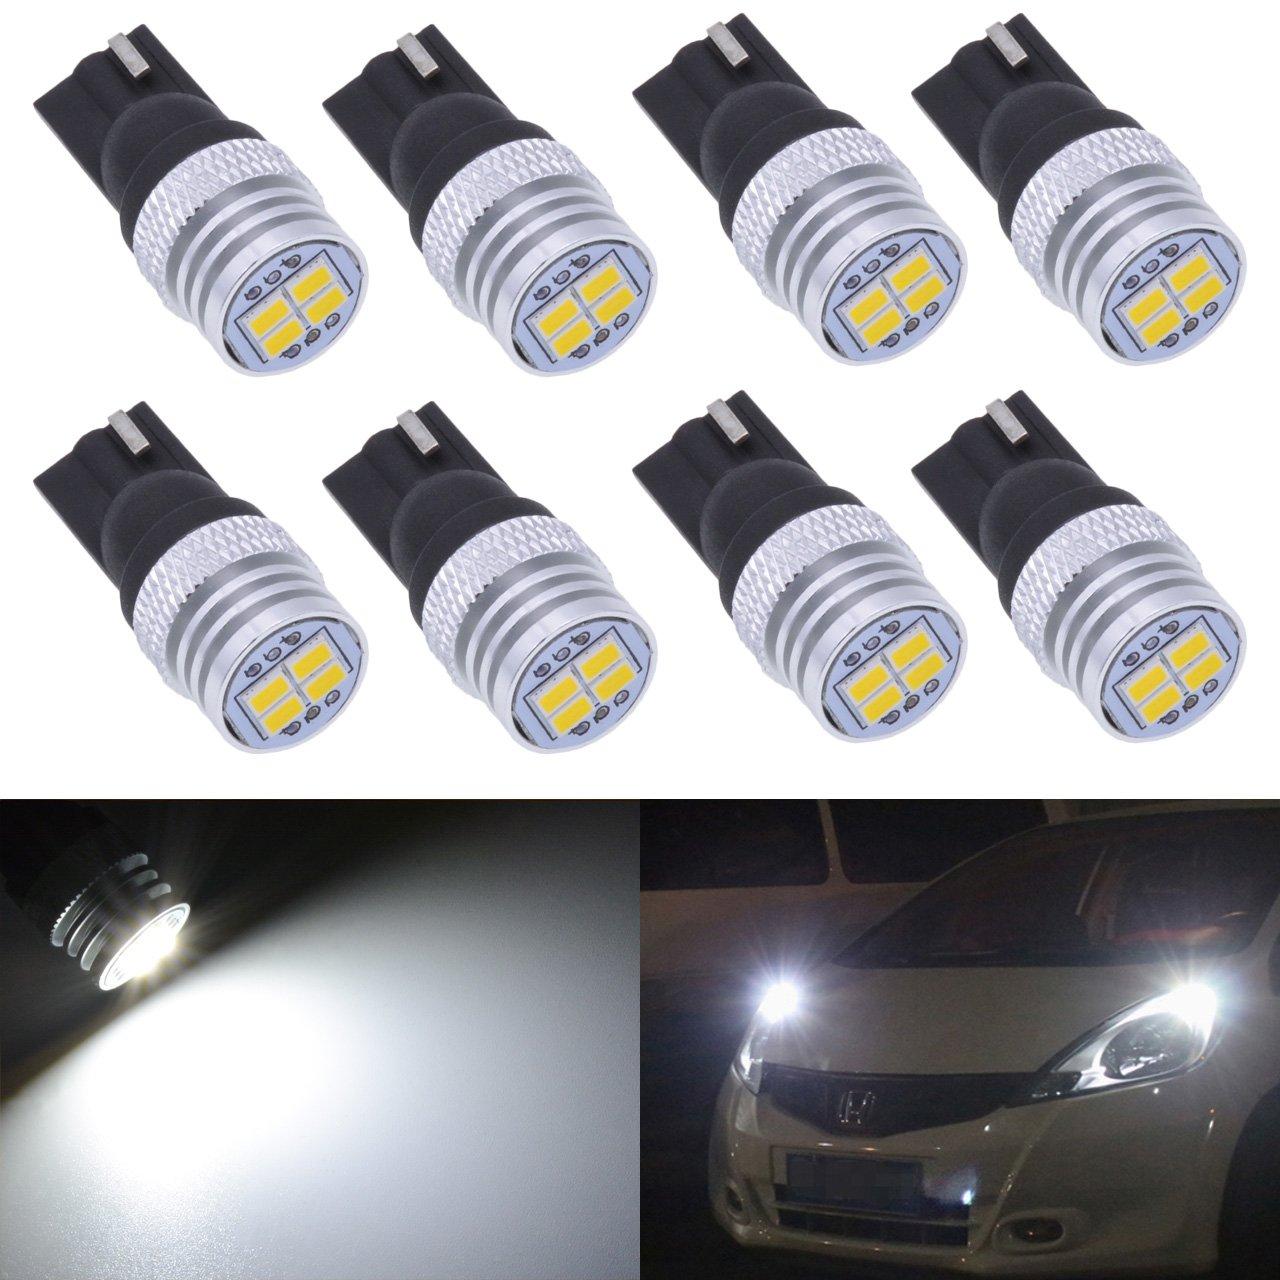 a LED 194 da DC 12/V KaTur per interni con 4 SMD 168 W5W 750 Lm targa 2825 T10 cruscotto ricambio di lampadine per auto a luce bianca 3020 bagagliaio